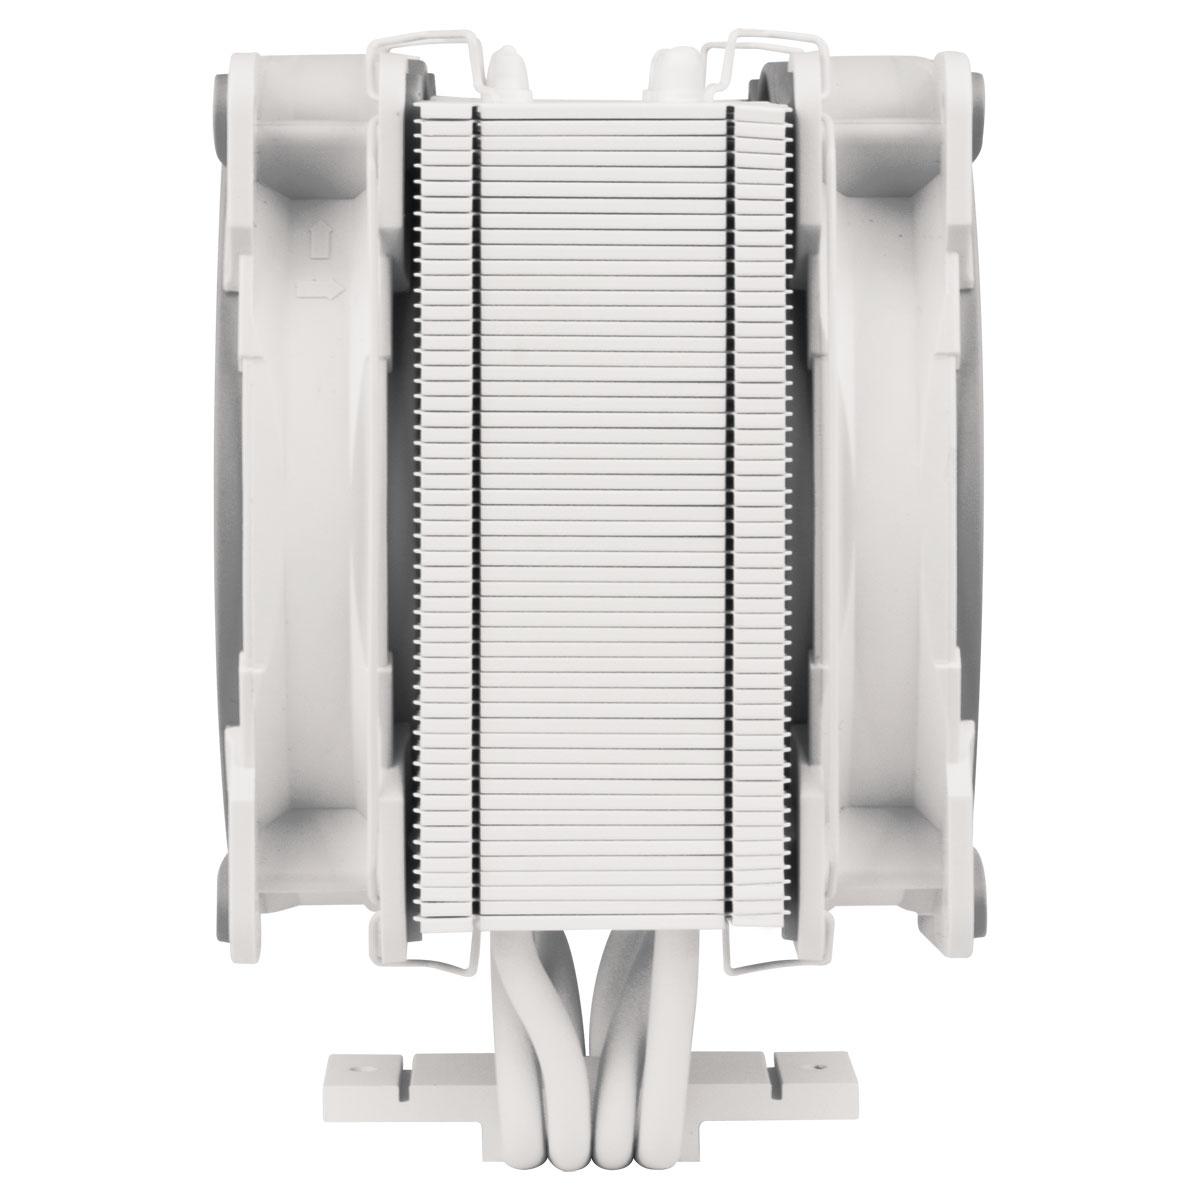 【値下げしました!】 ARCTIC Freezer 34 eSports DUO Grey/White